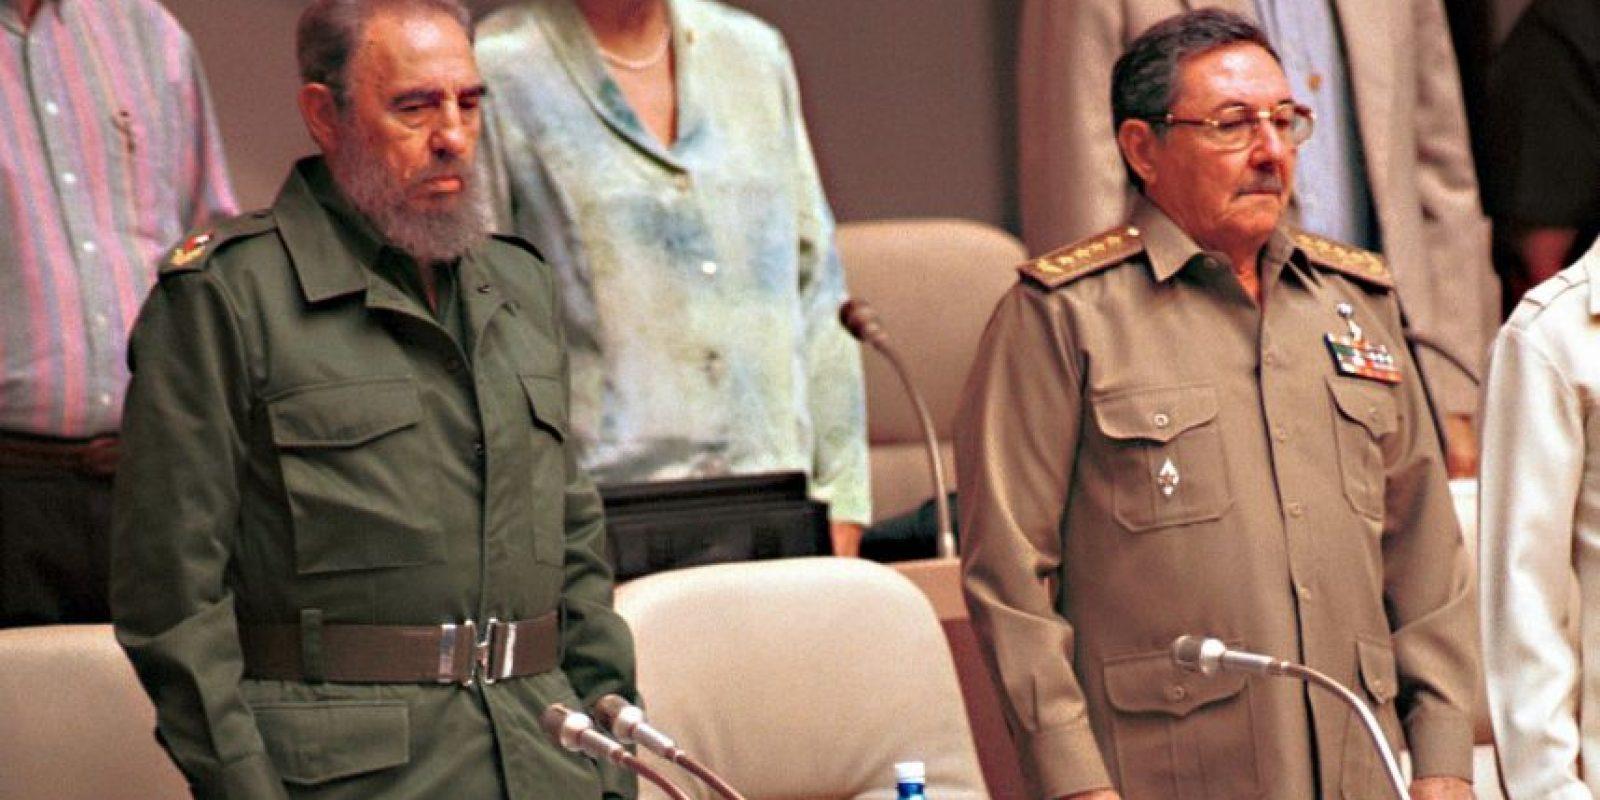 """""""Apuesto a que Raúl insistirá que los Estados Unidos debemos respetar el derecho de Cuba a mantener alguna forma de socialismo y proteger sus principales logros como educación o atención sanitaria universal"""". Foto:Getty Images"""